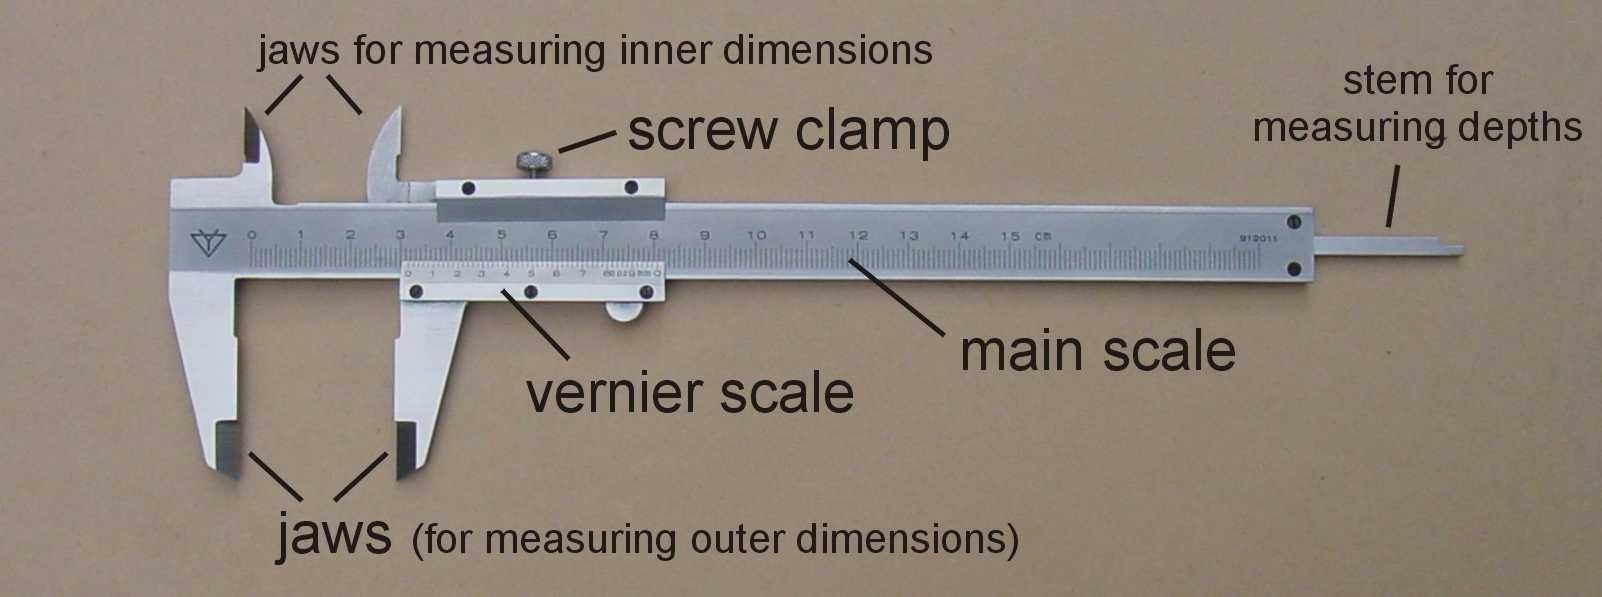 قياس الأبعاد باستخدام القدمة ذات الورنية فيزياء الصف الاول الثانوى المطور 2014  Vfig03a